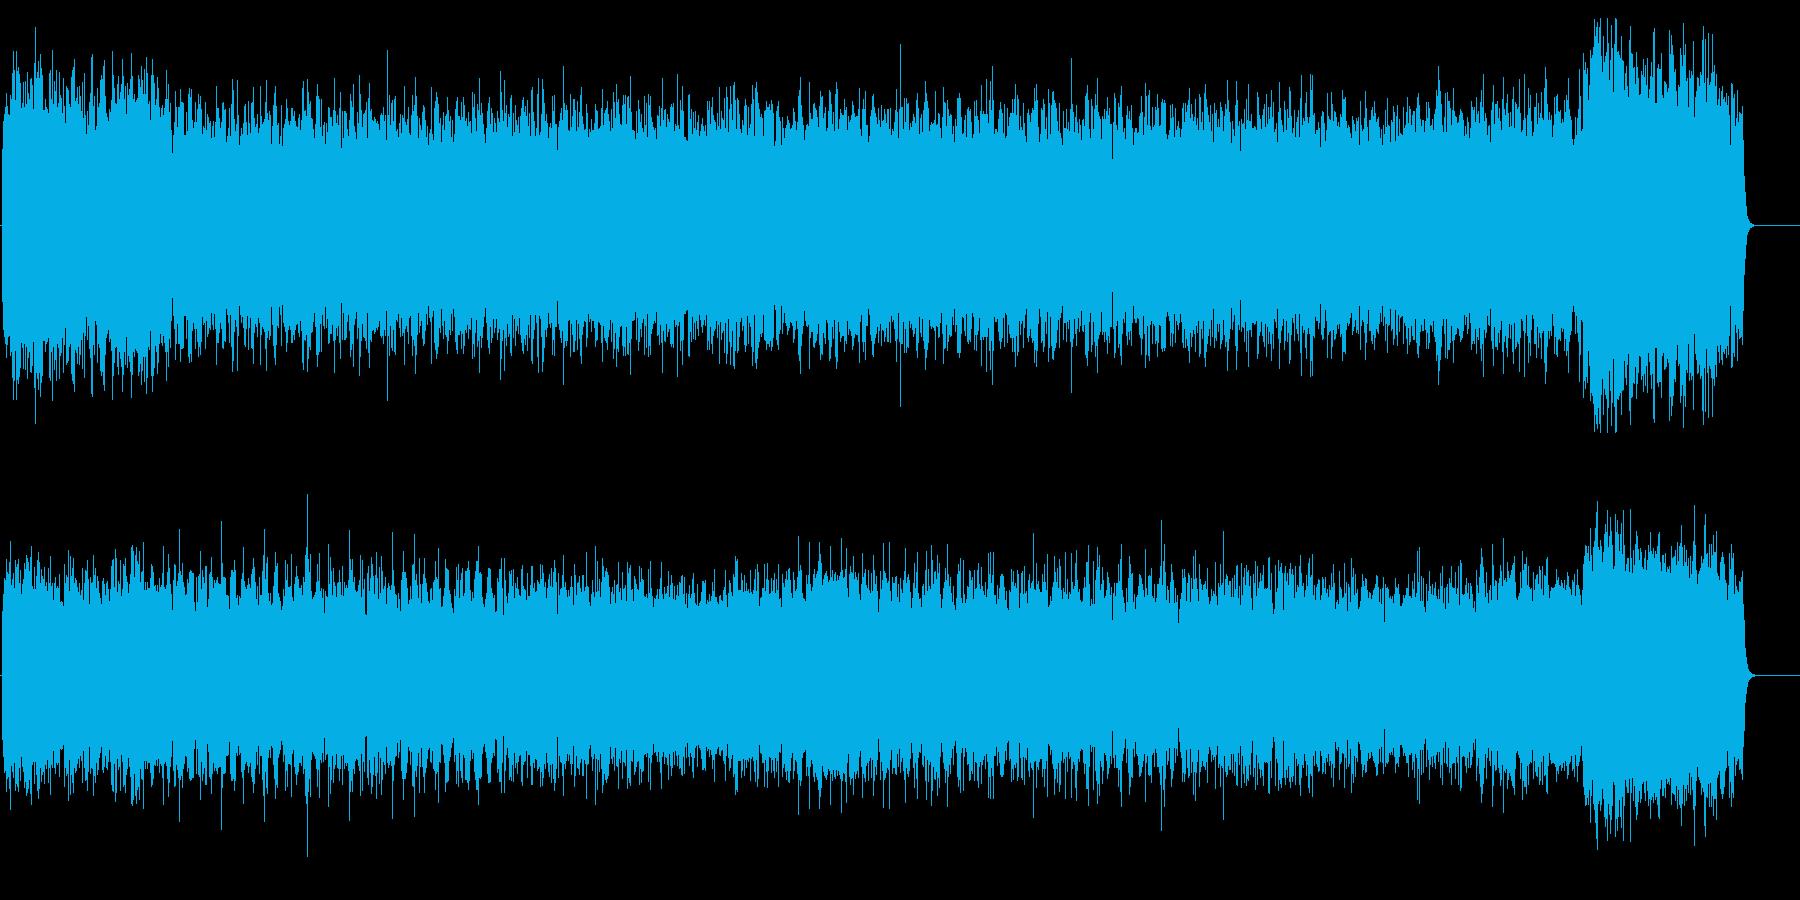 冬・雪を想像させるメルヘンオーケストラの再生済みの波形